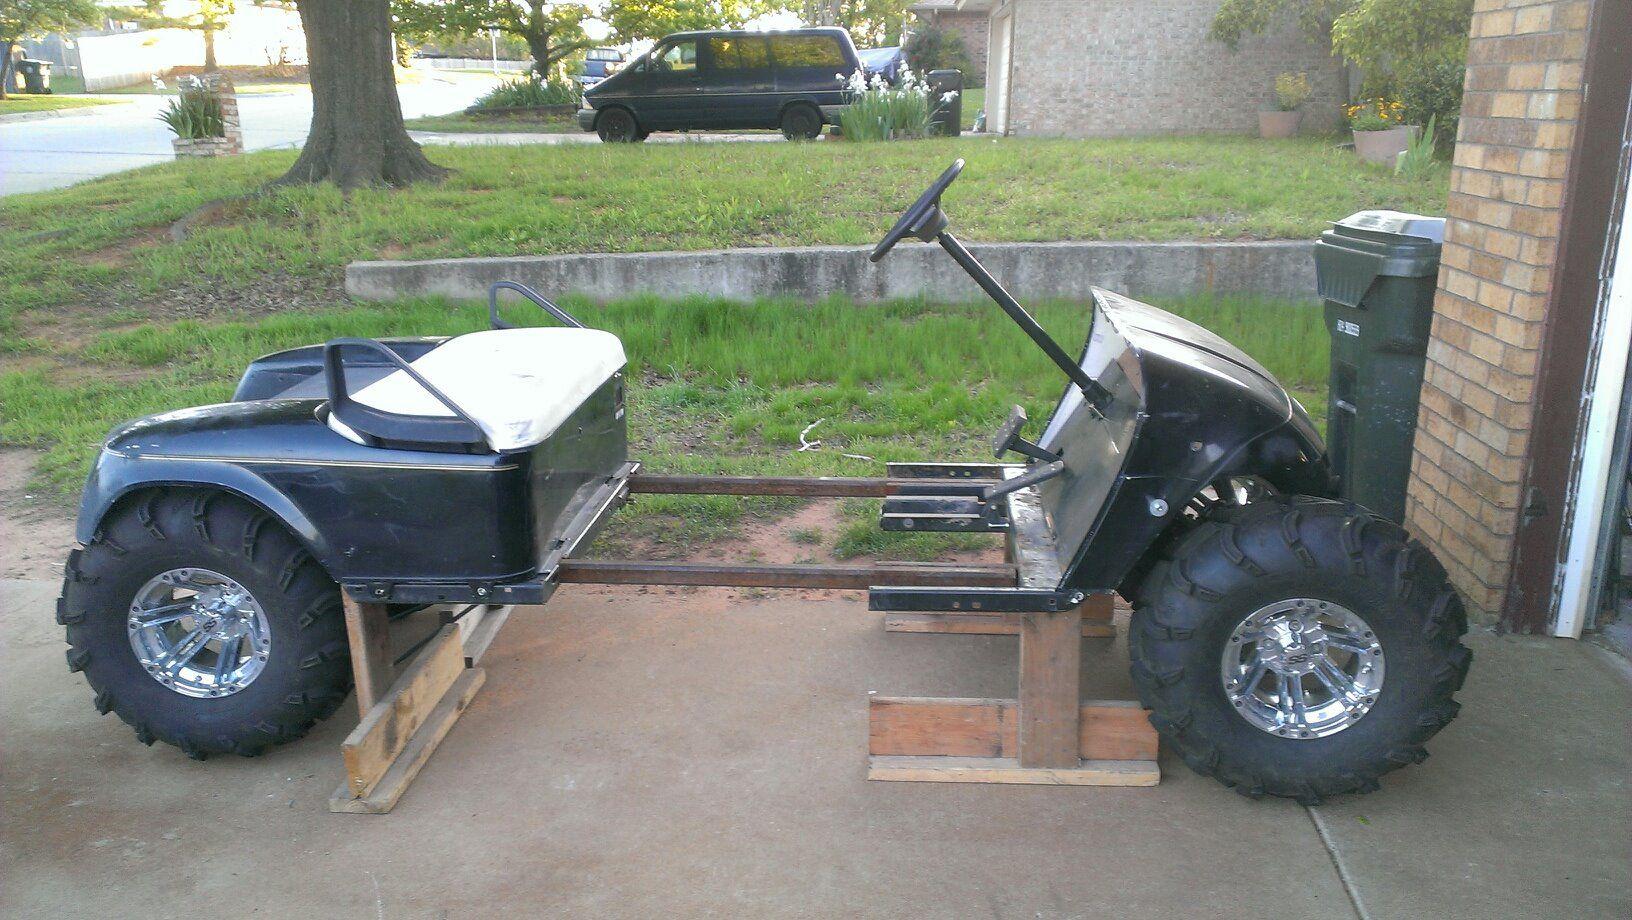 Lifted Stretched Gsxr 600 Ezgo Golf Carts Custom Golf Carts Lifted Golf Carts